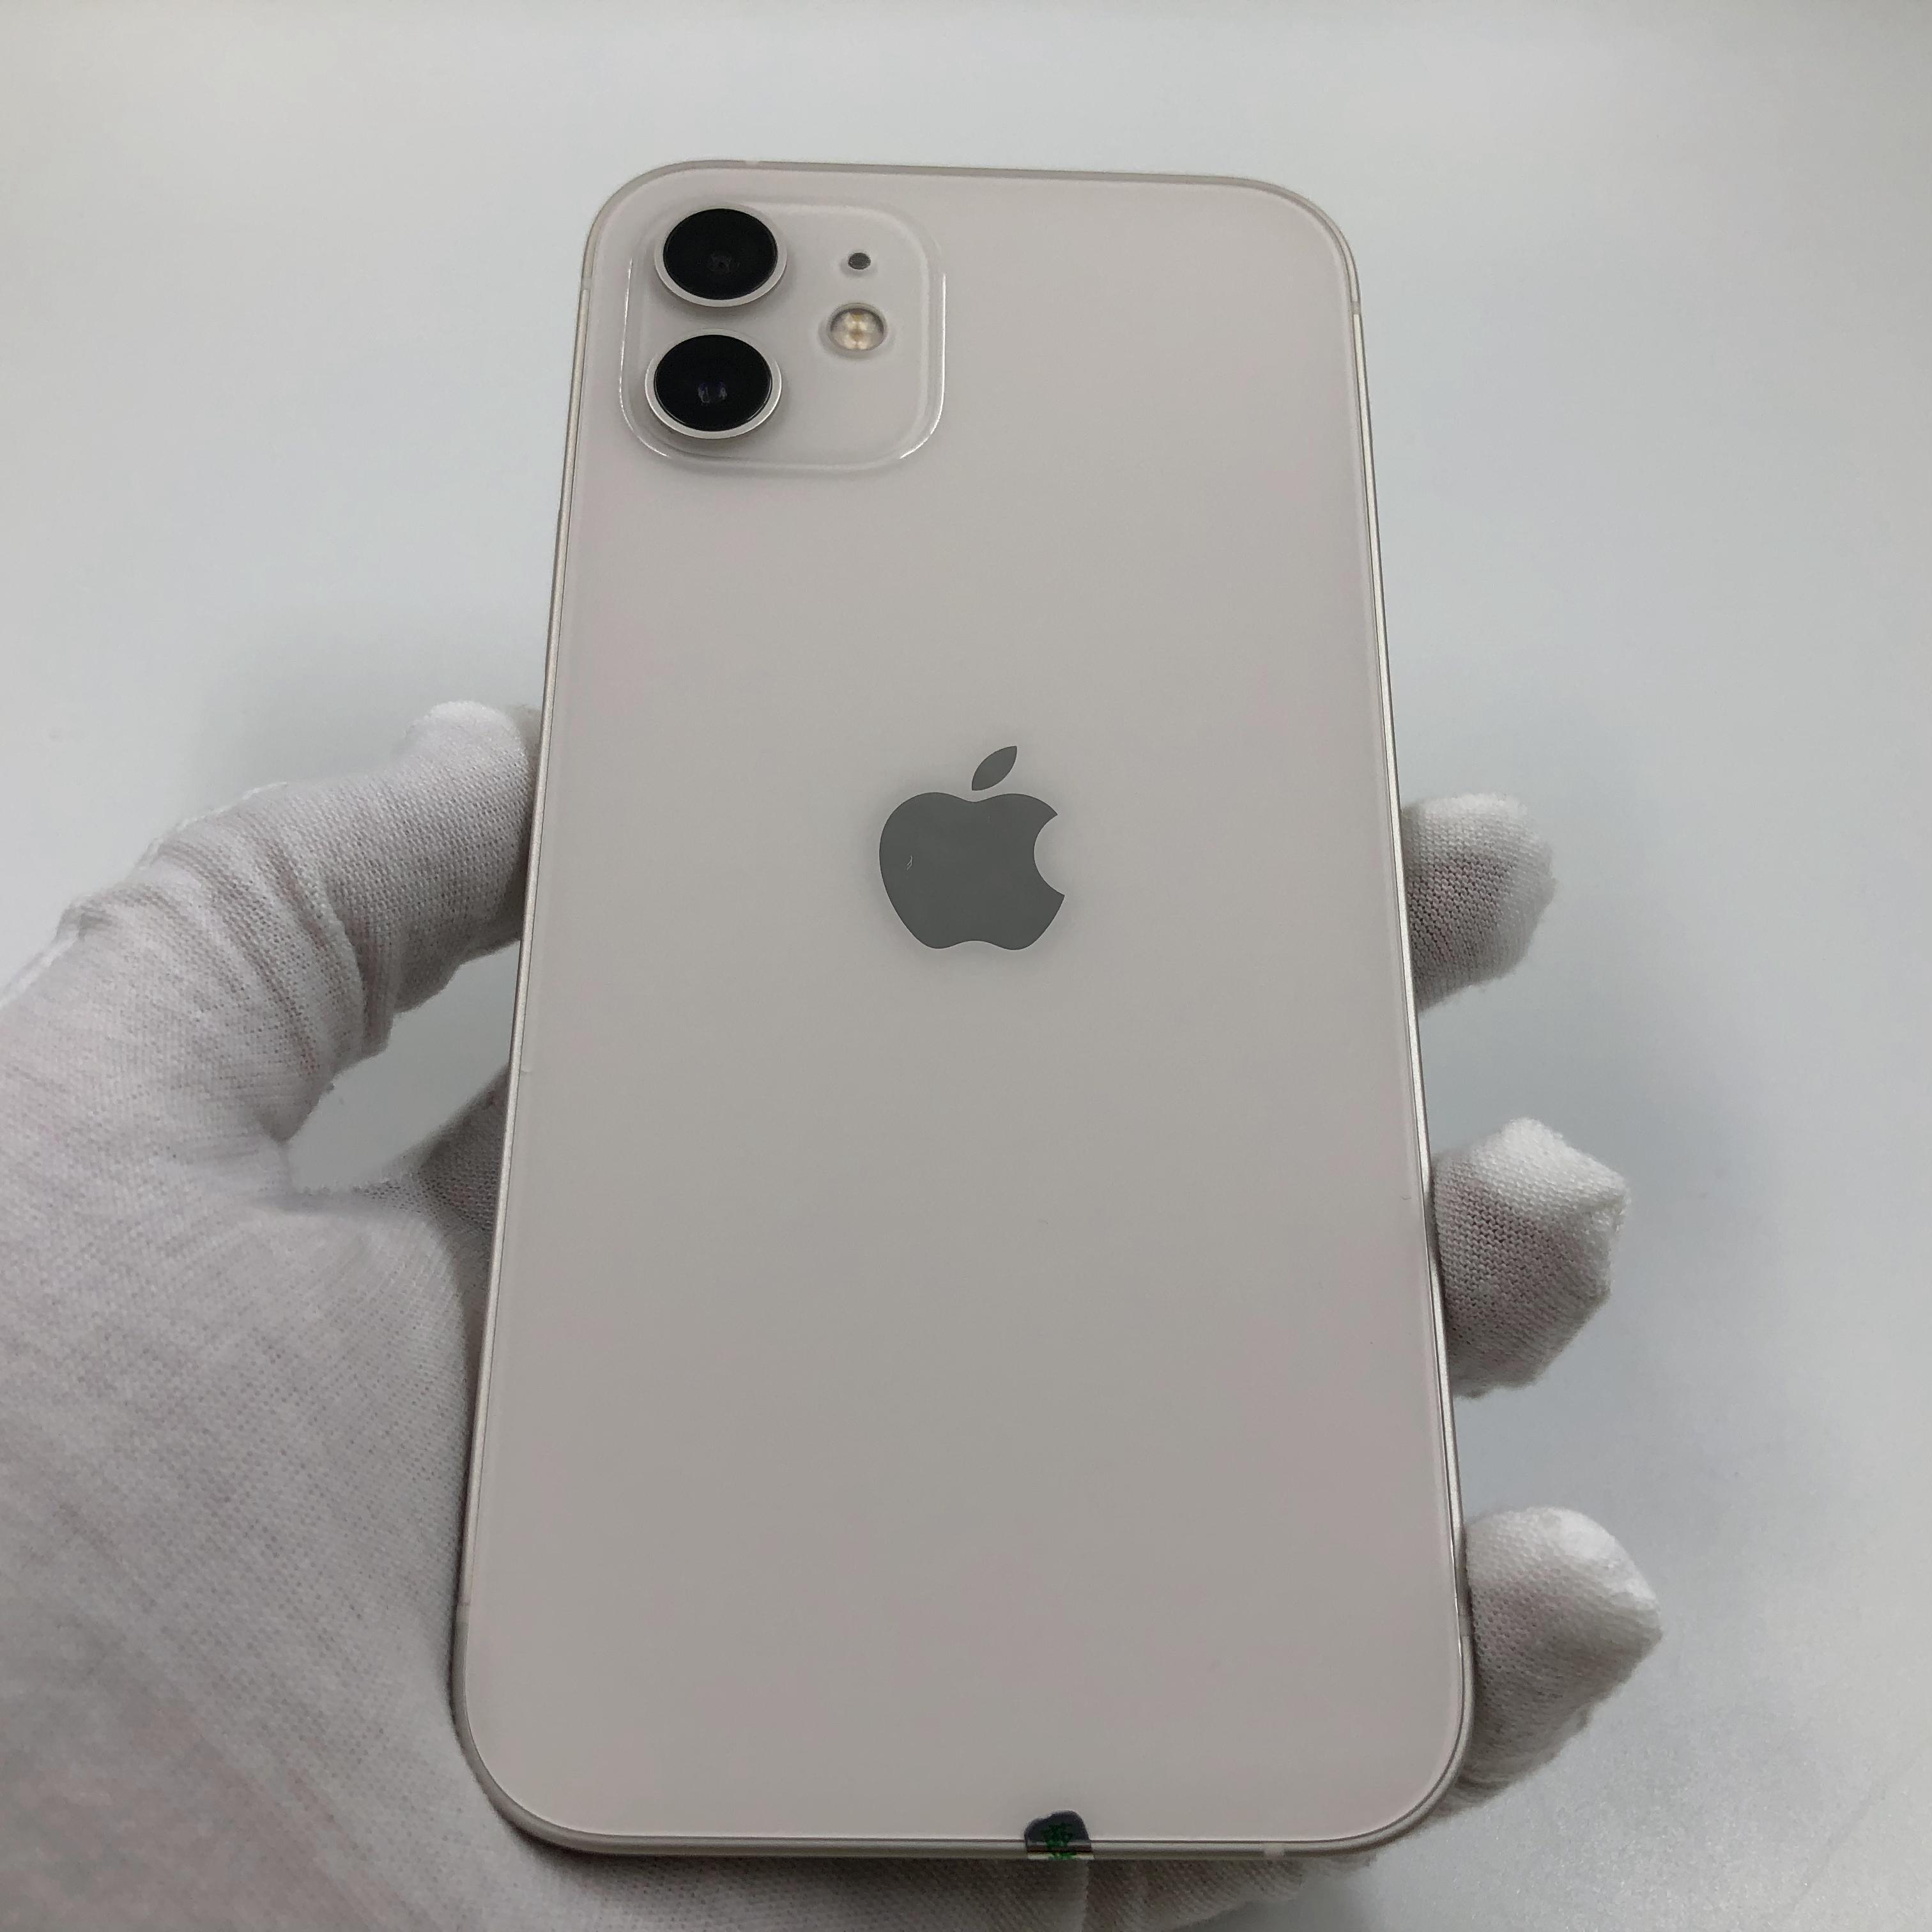 苹果【iPhone 12】5G全网通 白色 128G 国行 99新 真机实拍官保2021-11-14